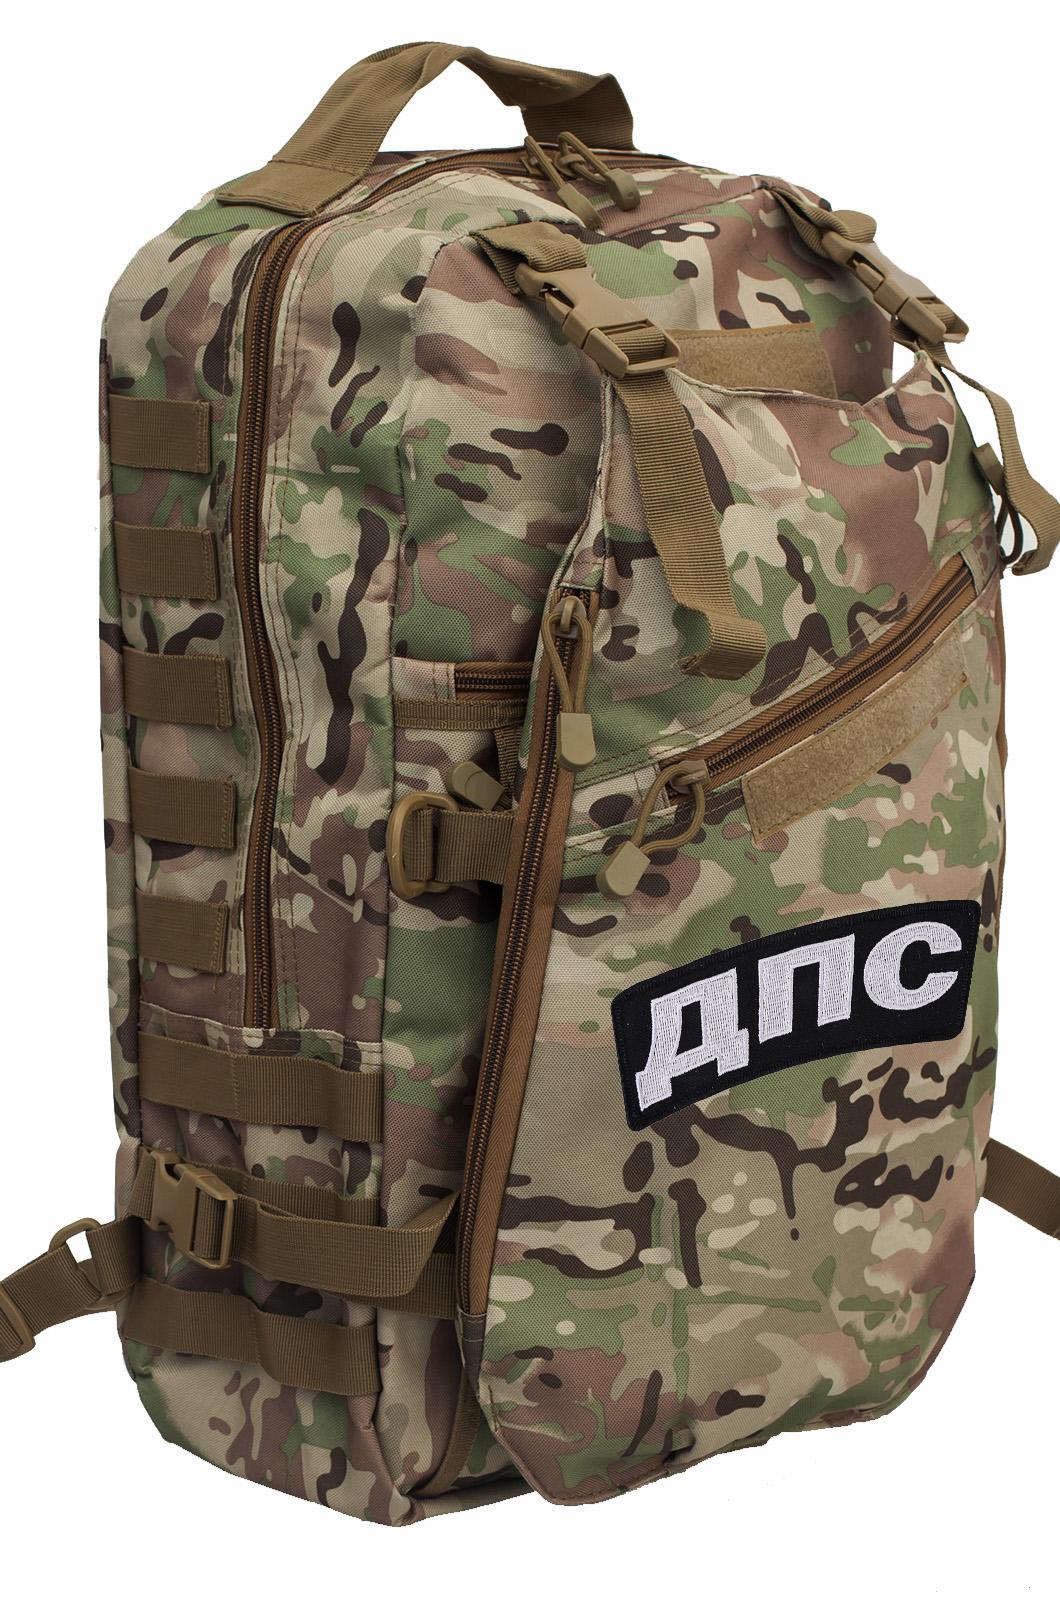 Камуфляжный тактический рюкзак с нашивкой ДПС - купить выгодно